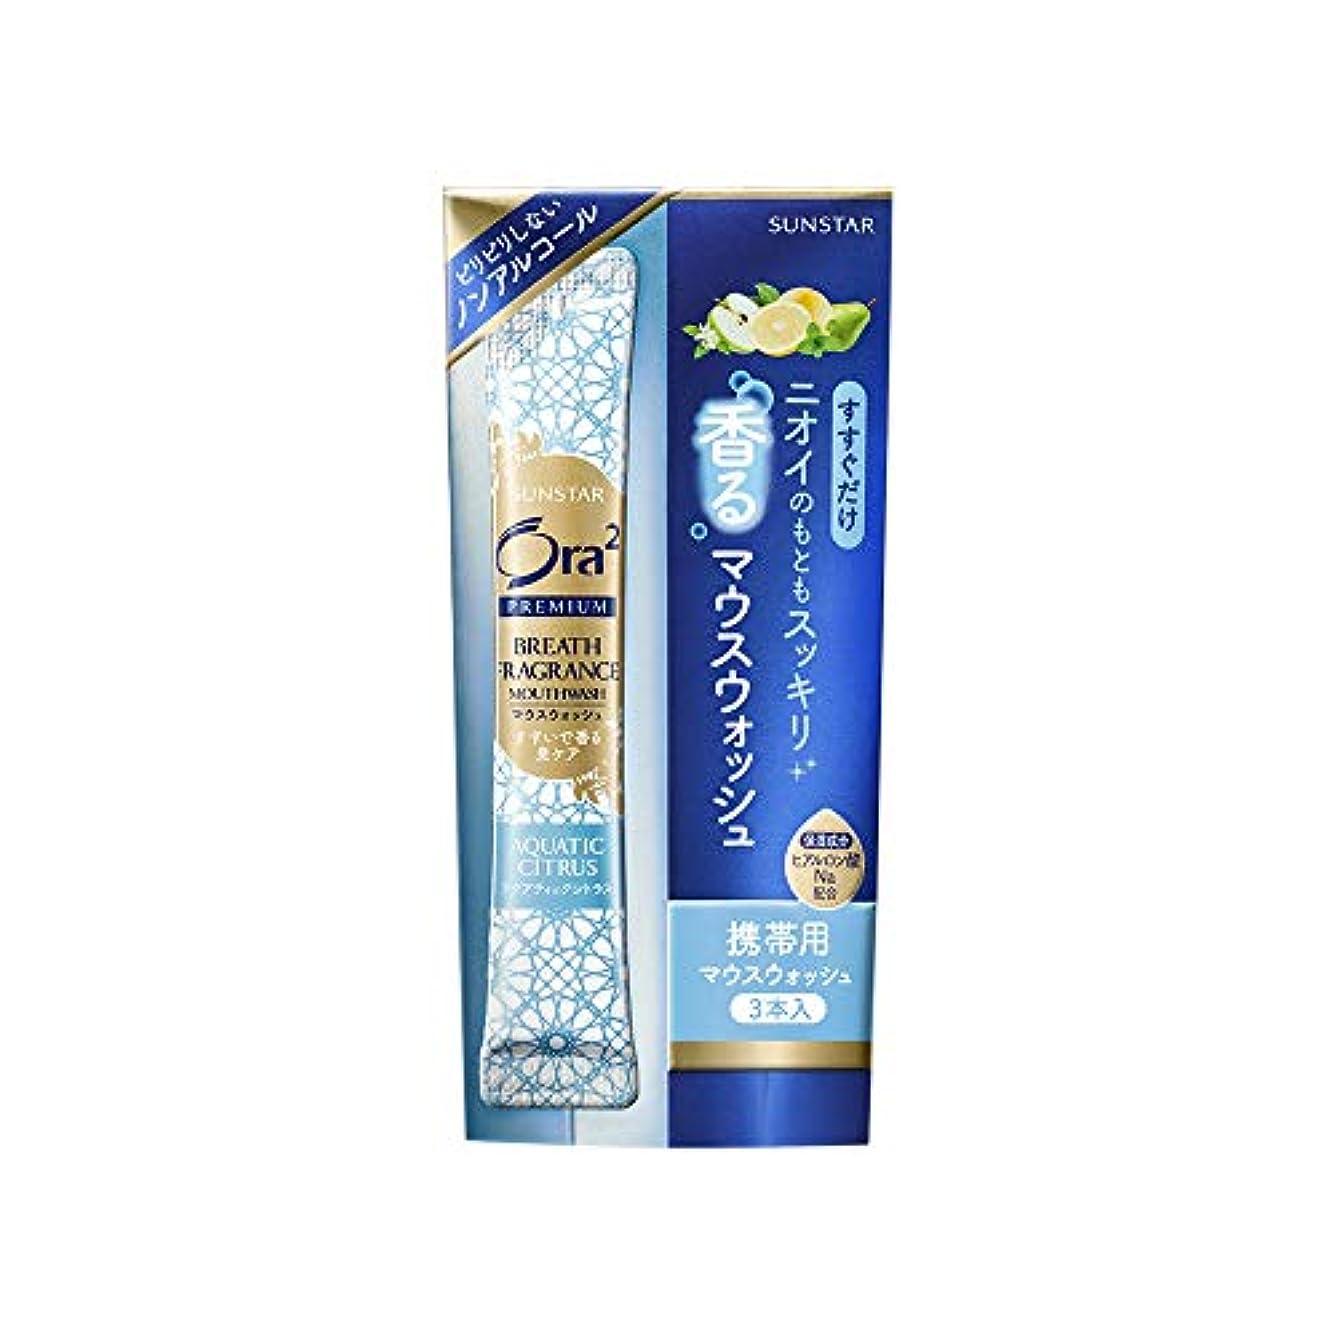 ポーターモトリー言うOra2(オーラツー) プレミアム マウスウォッシュ ブレスフレグランス 洗口液 [アクアティックシトラス] トラベル用